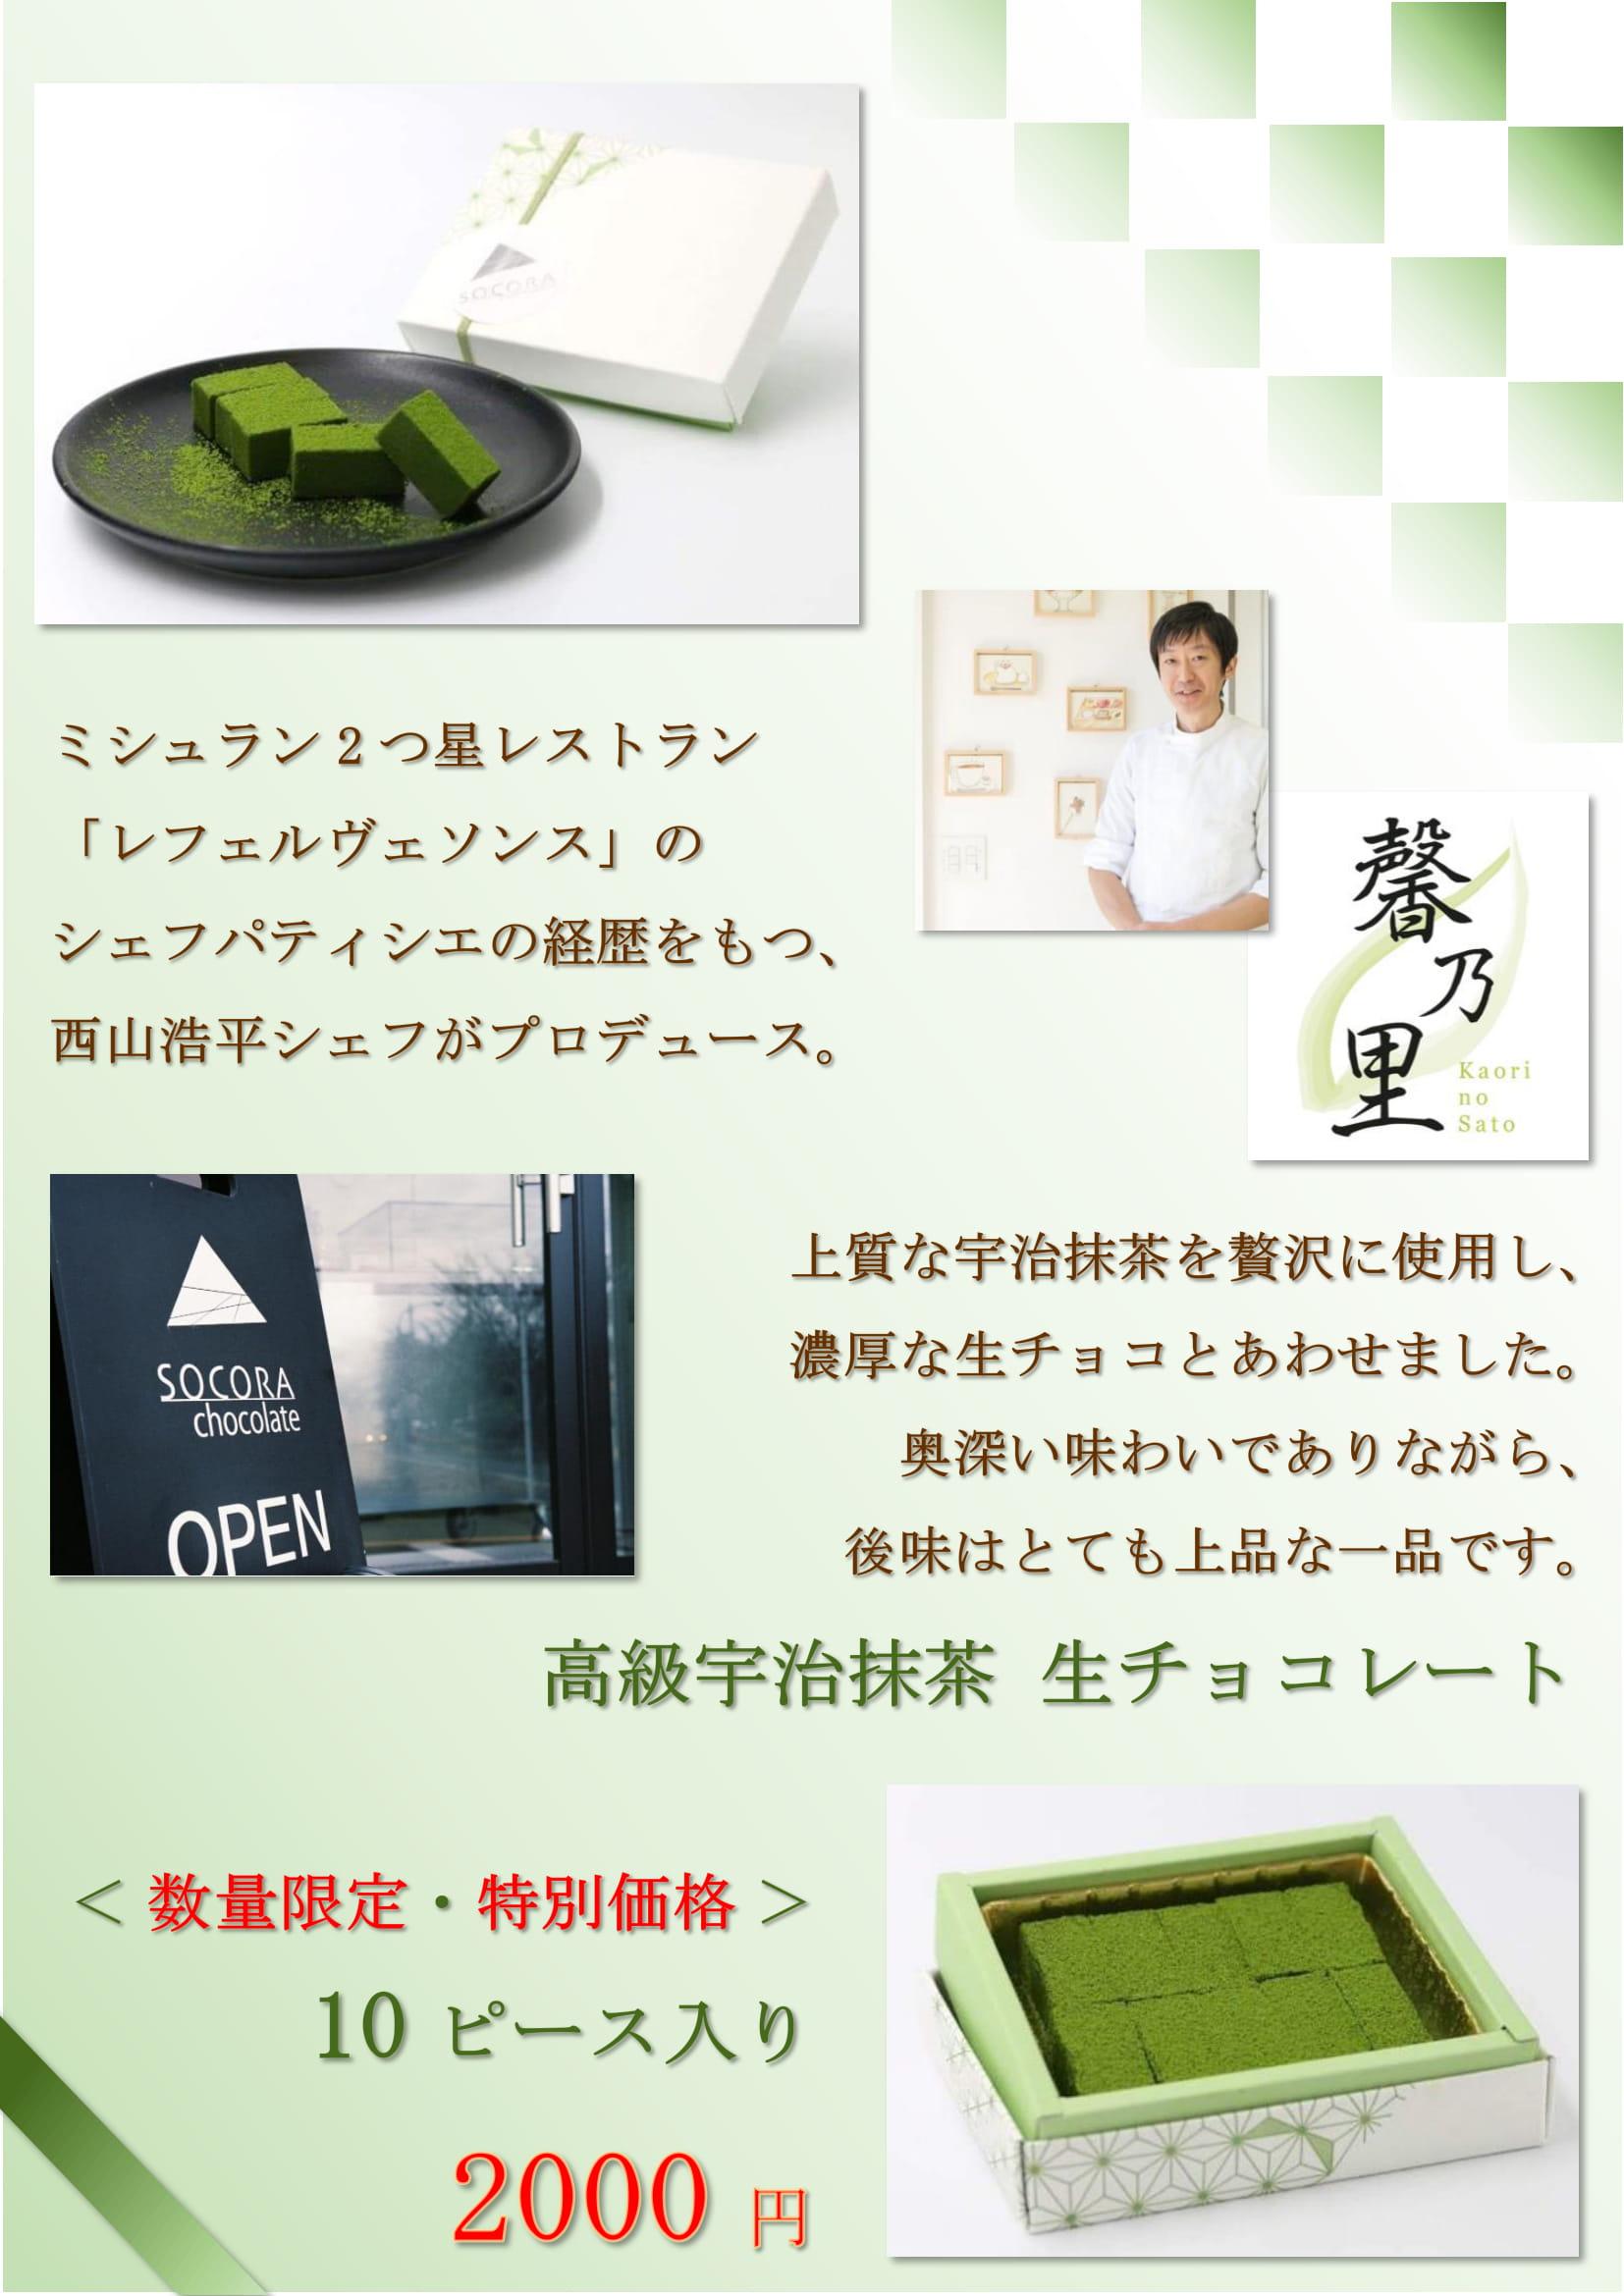 1枚A4カラー【馨乃里】生チョコイメージ-1